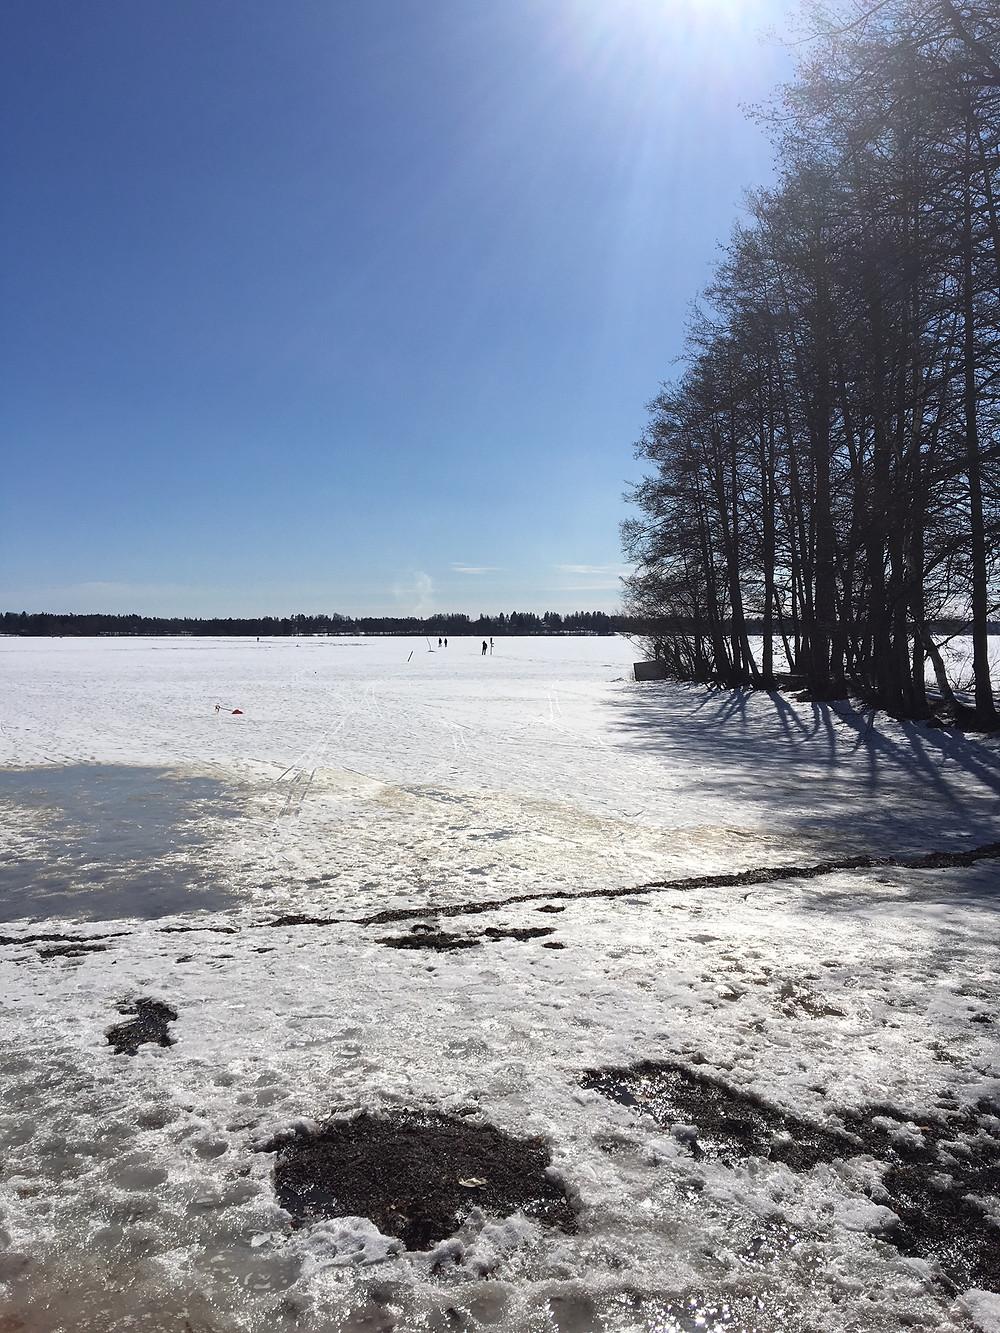 Aurinkoinen päivä houkutteli ulkoilijoita vielä järvelle hiihtämään, luistelemaan ja kävelemään.